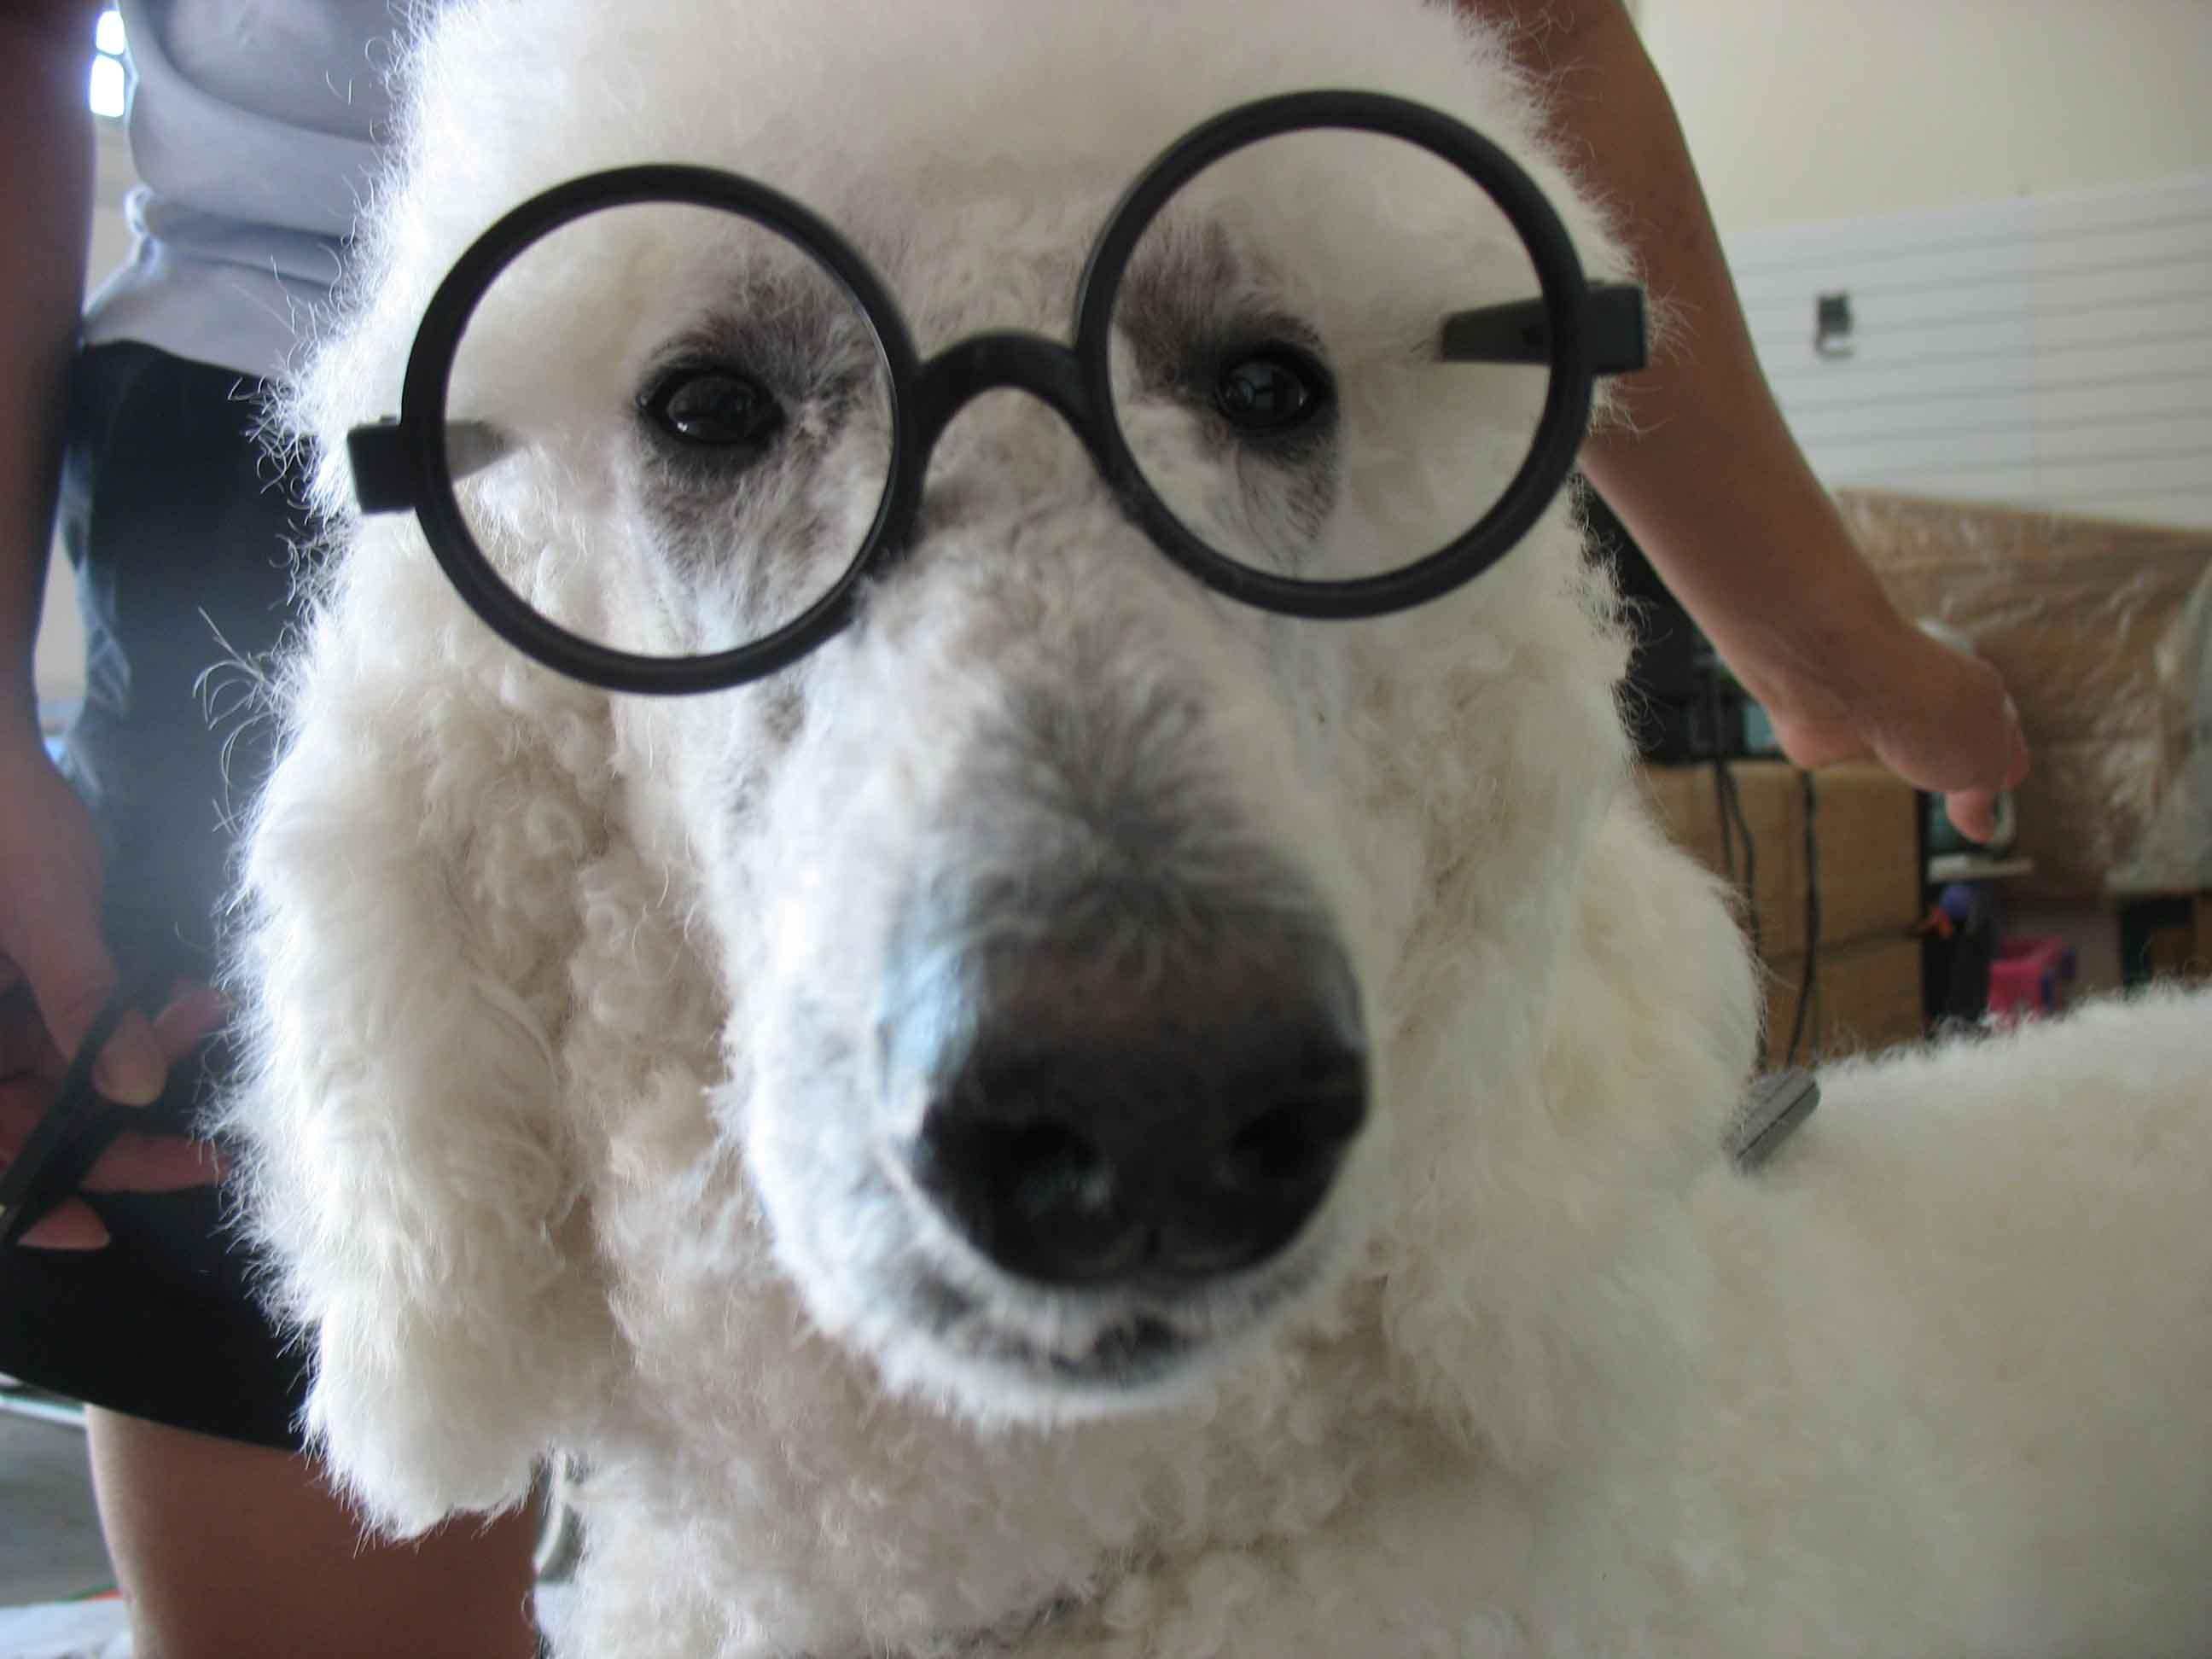 http://www.parrishill.com/sitebuildercontent/sitebuilderpictures/cody_glasses_websize.jpg